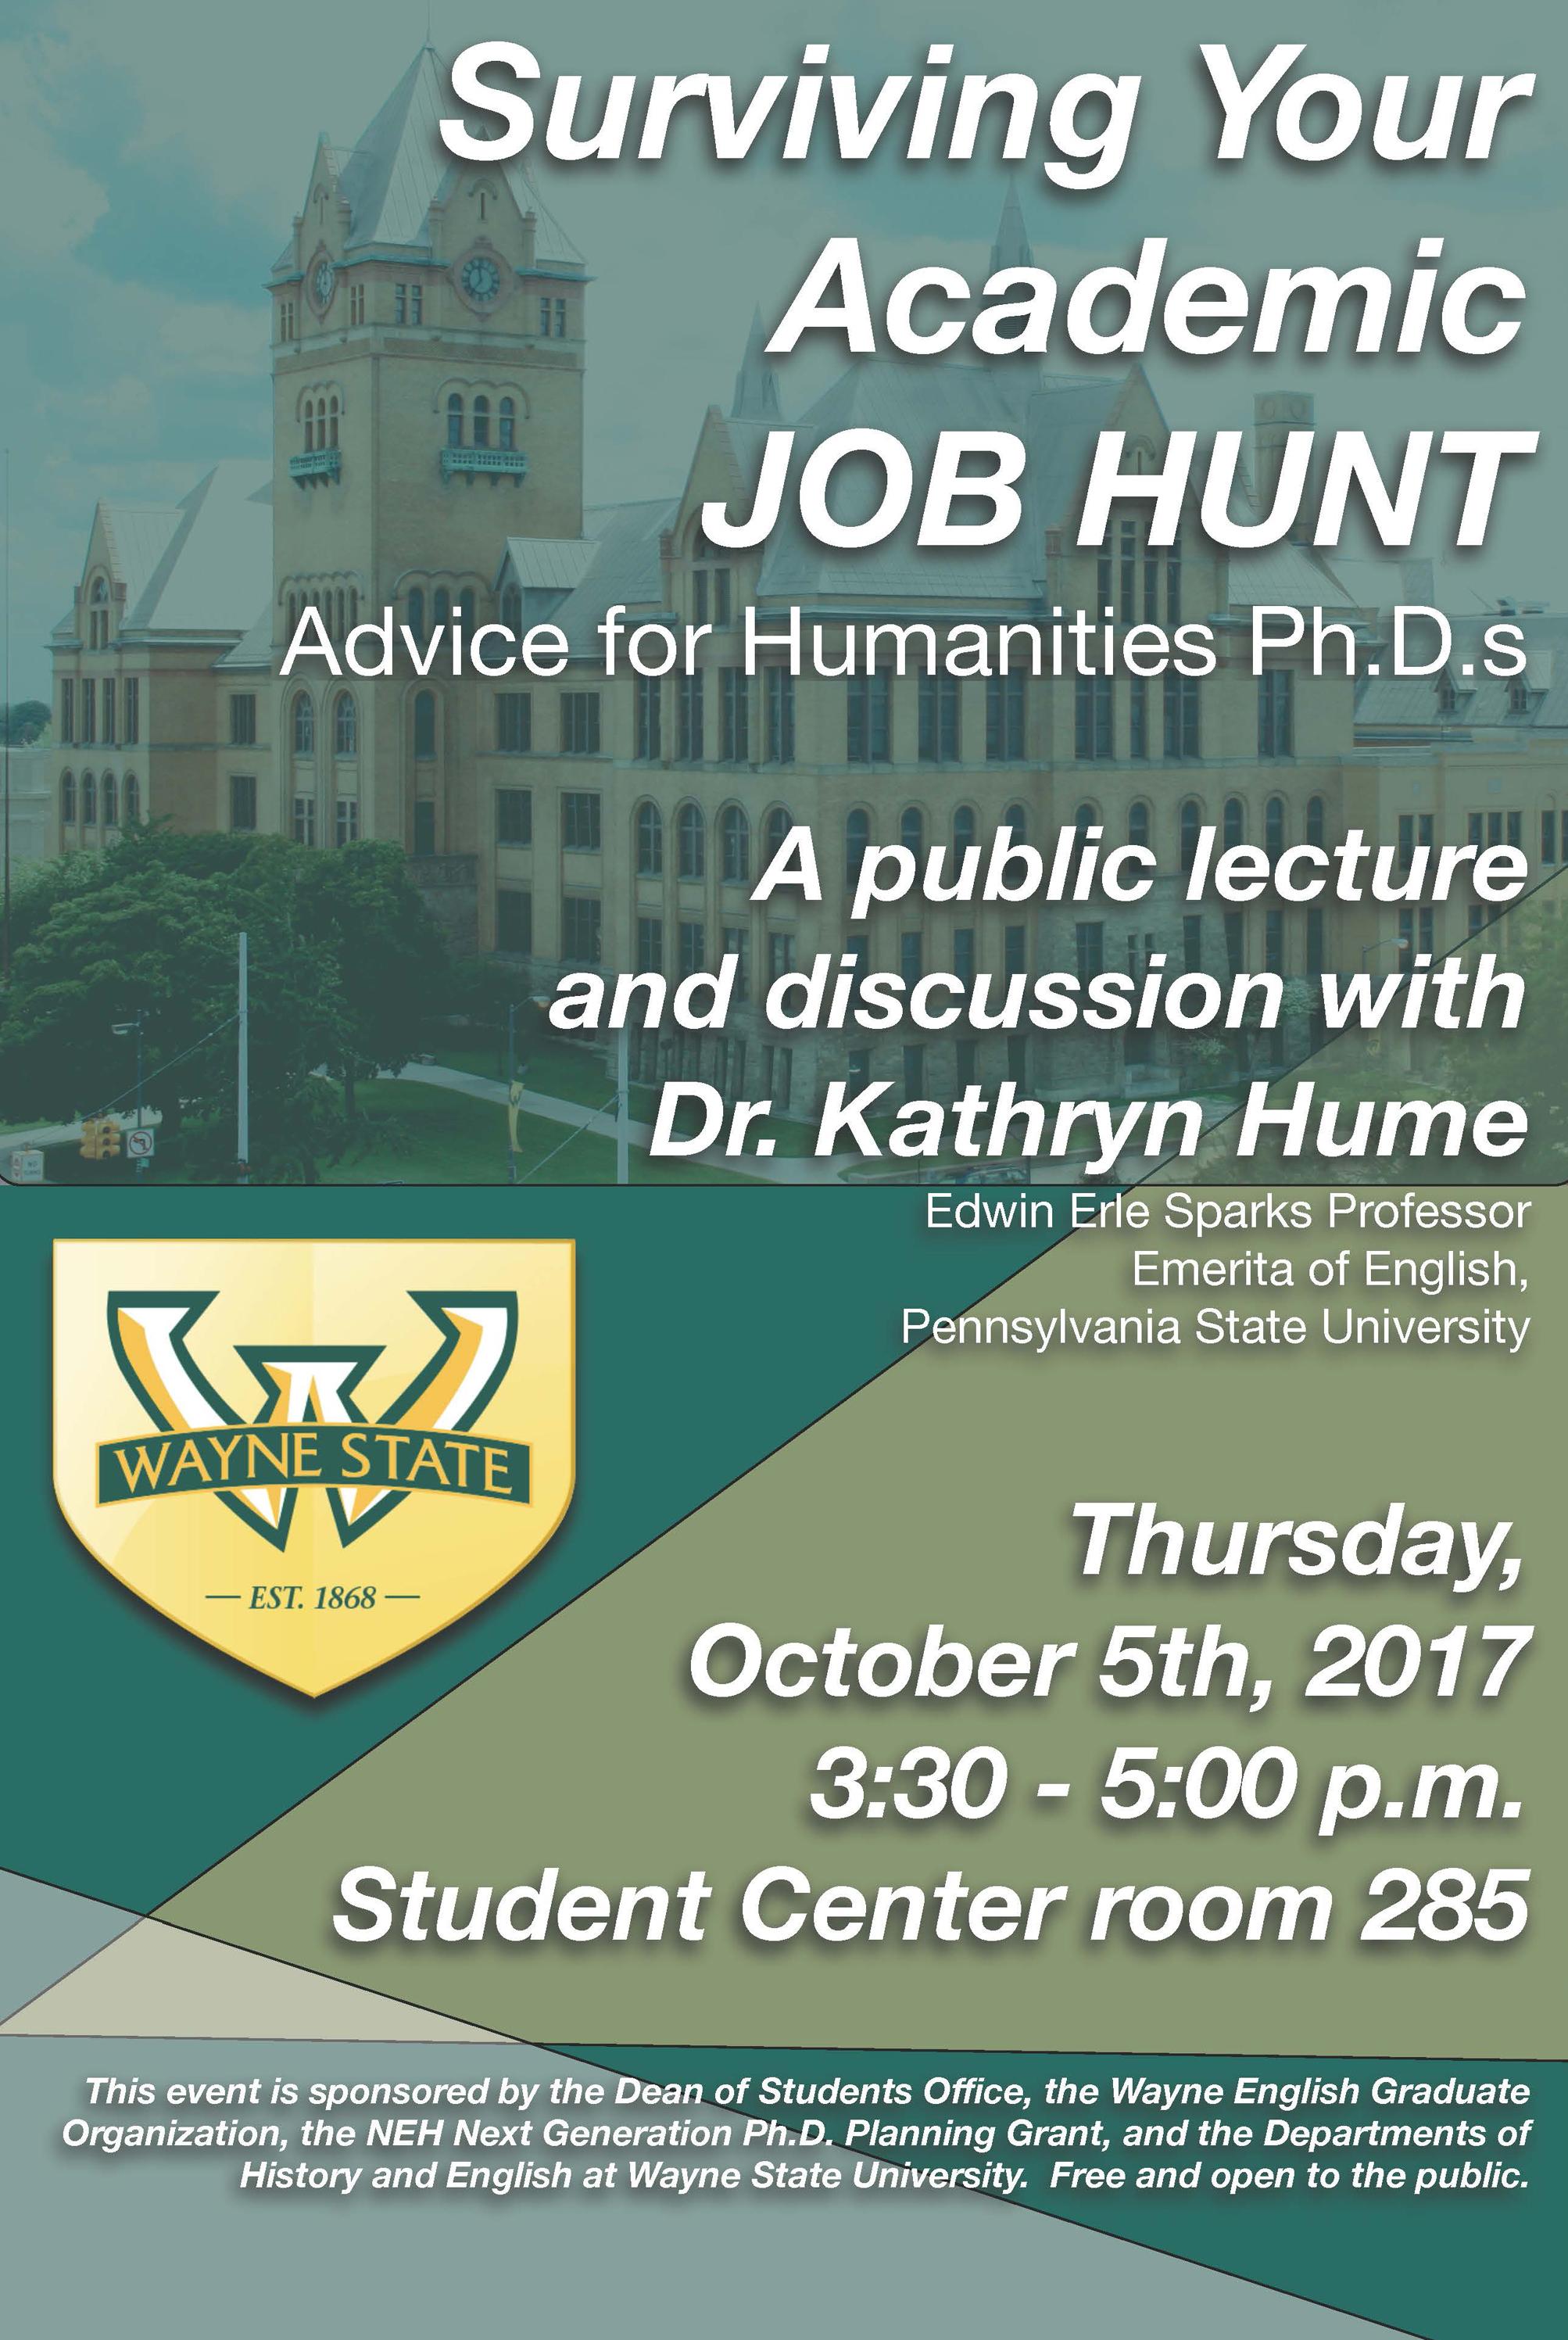 Oct. 5: Surviving your academic job hunt